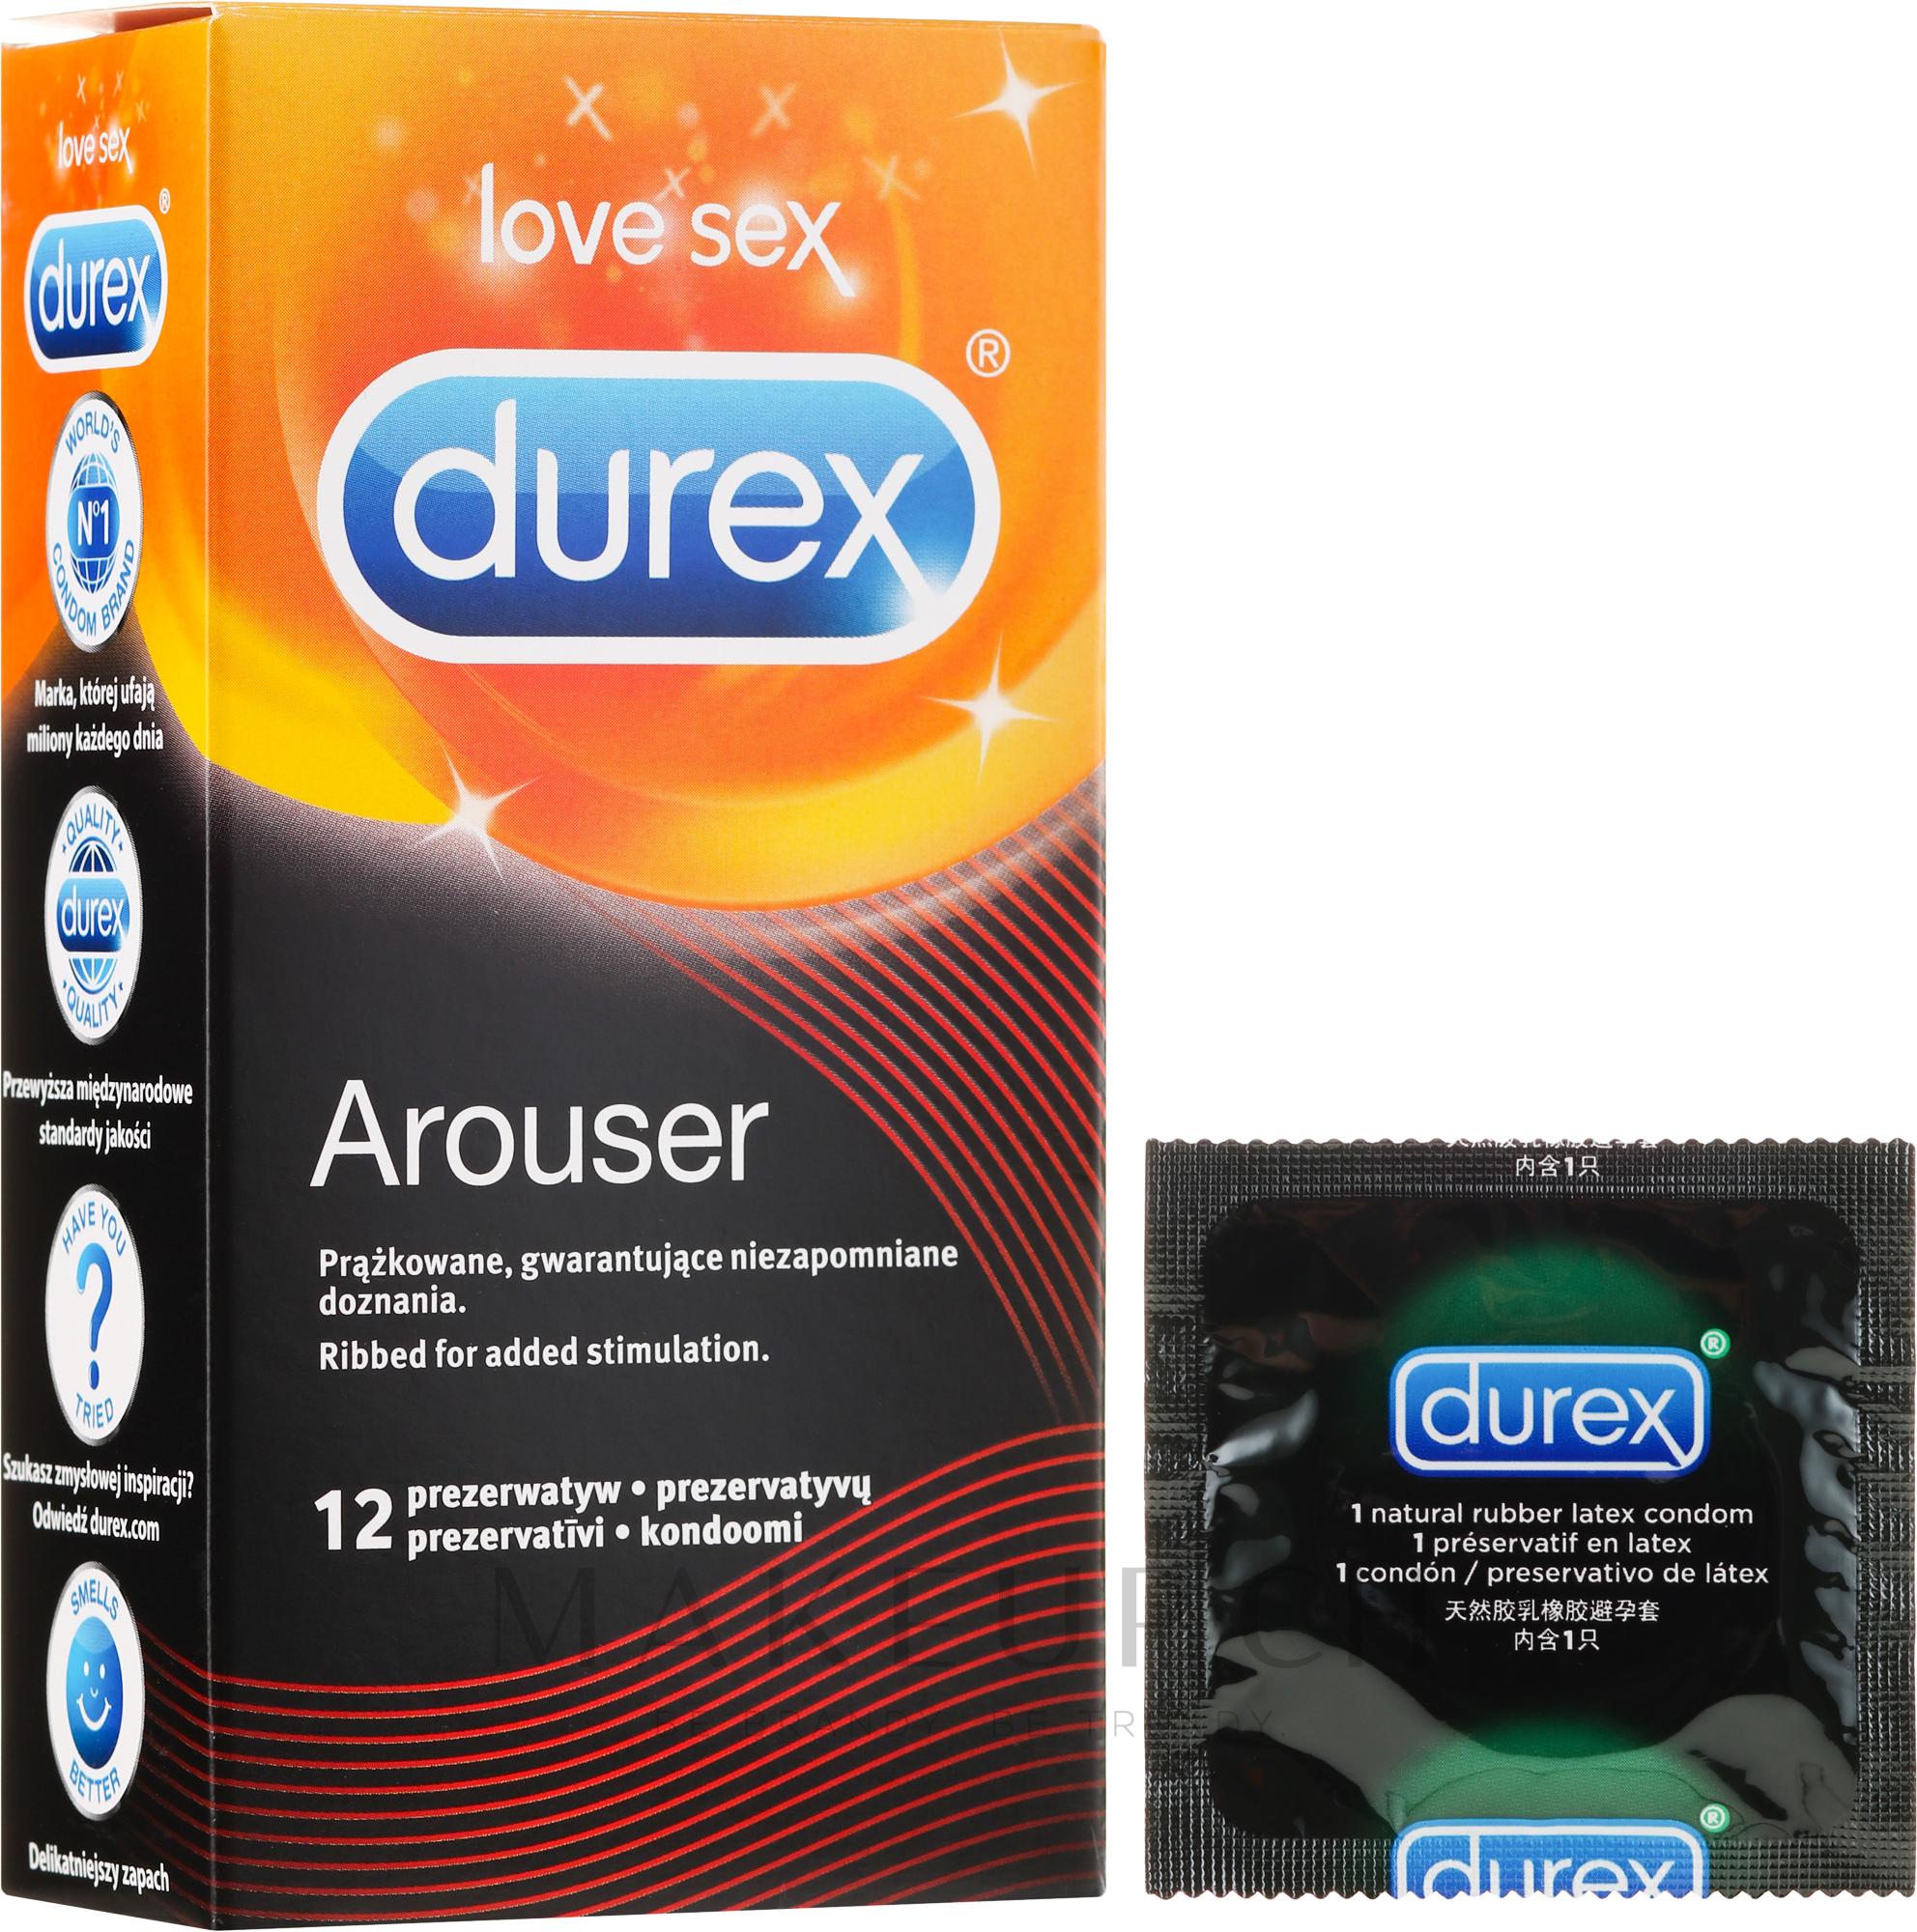 Gerippte Kondome 12 St. - Durex Arouser — Bild 12 St..